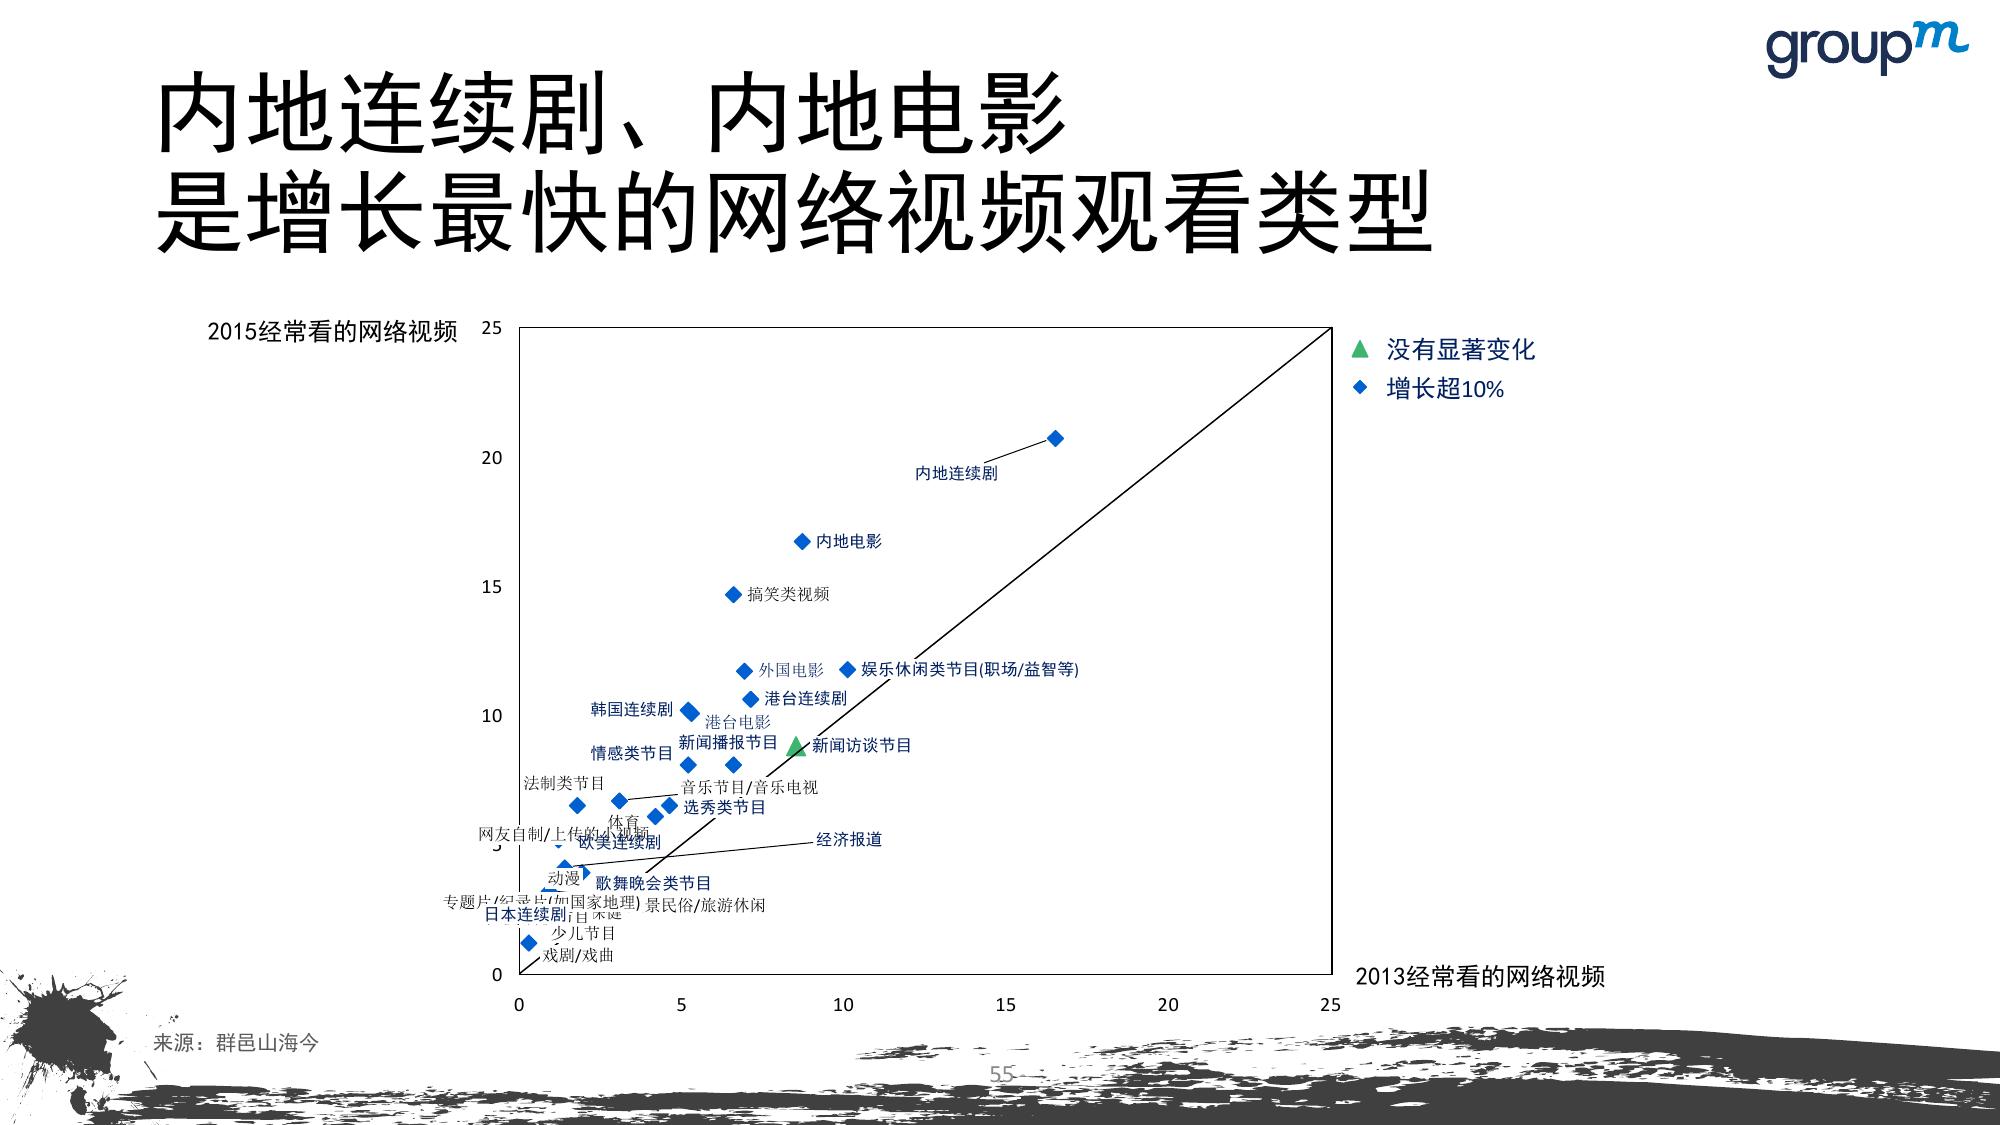 山海今2015中国媒介趋势报告_000055